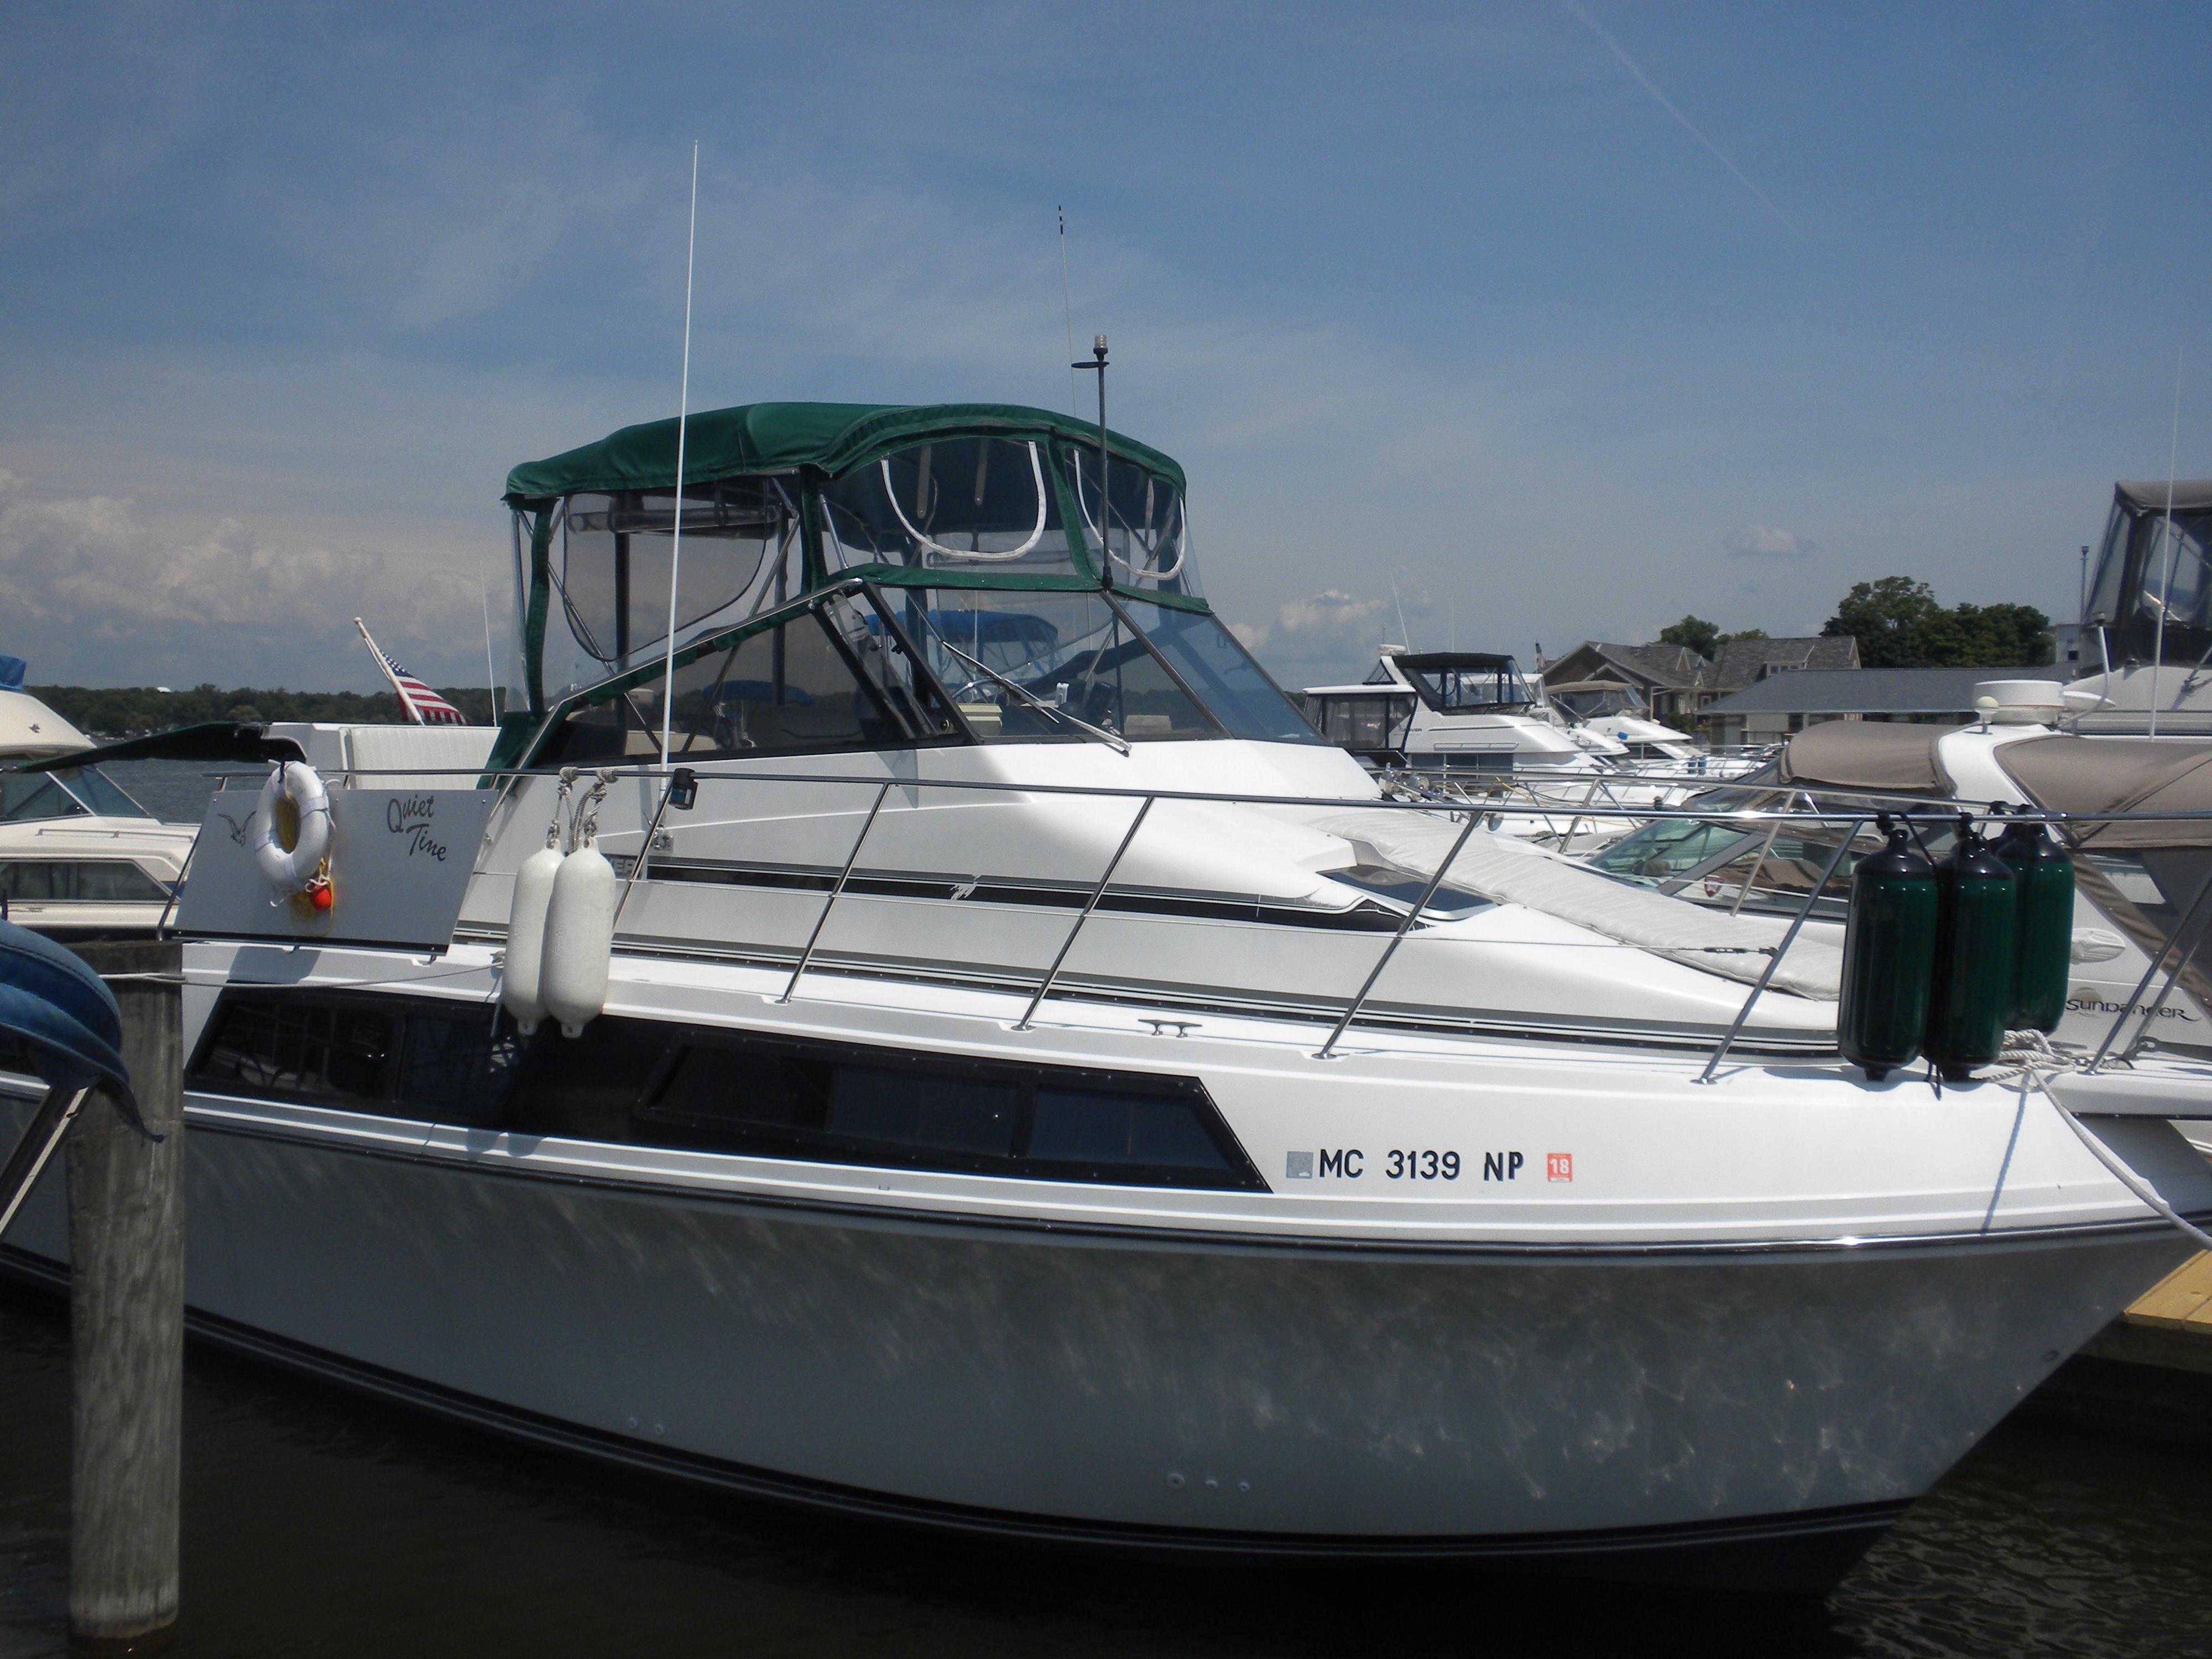 1989 Carver 32 Mariner Motore Barca In Vendita Www